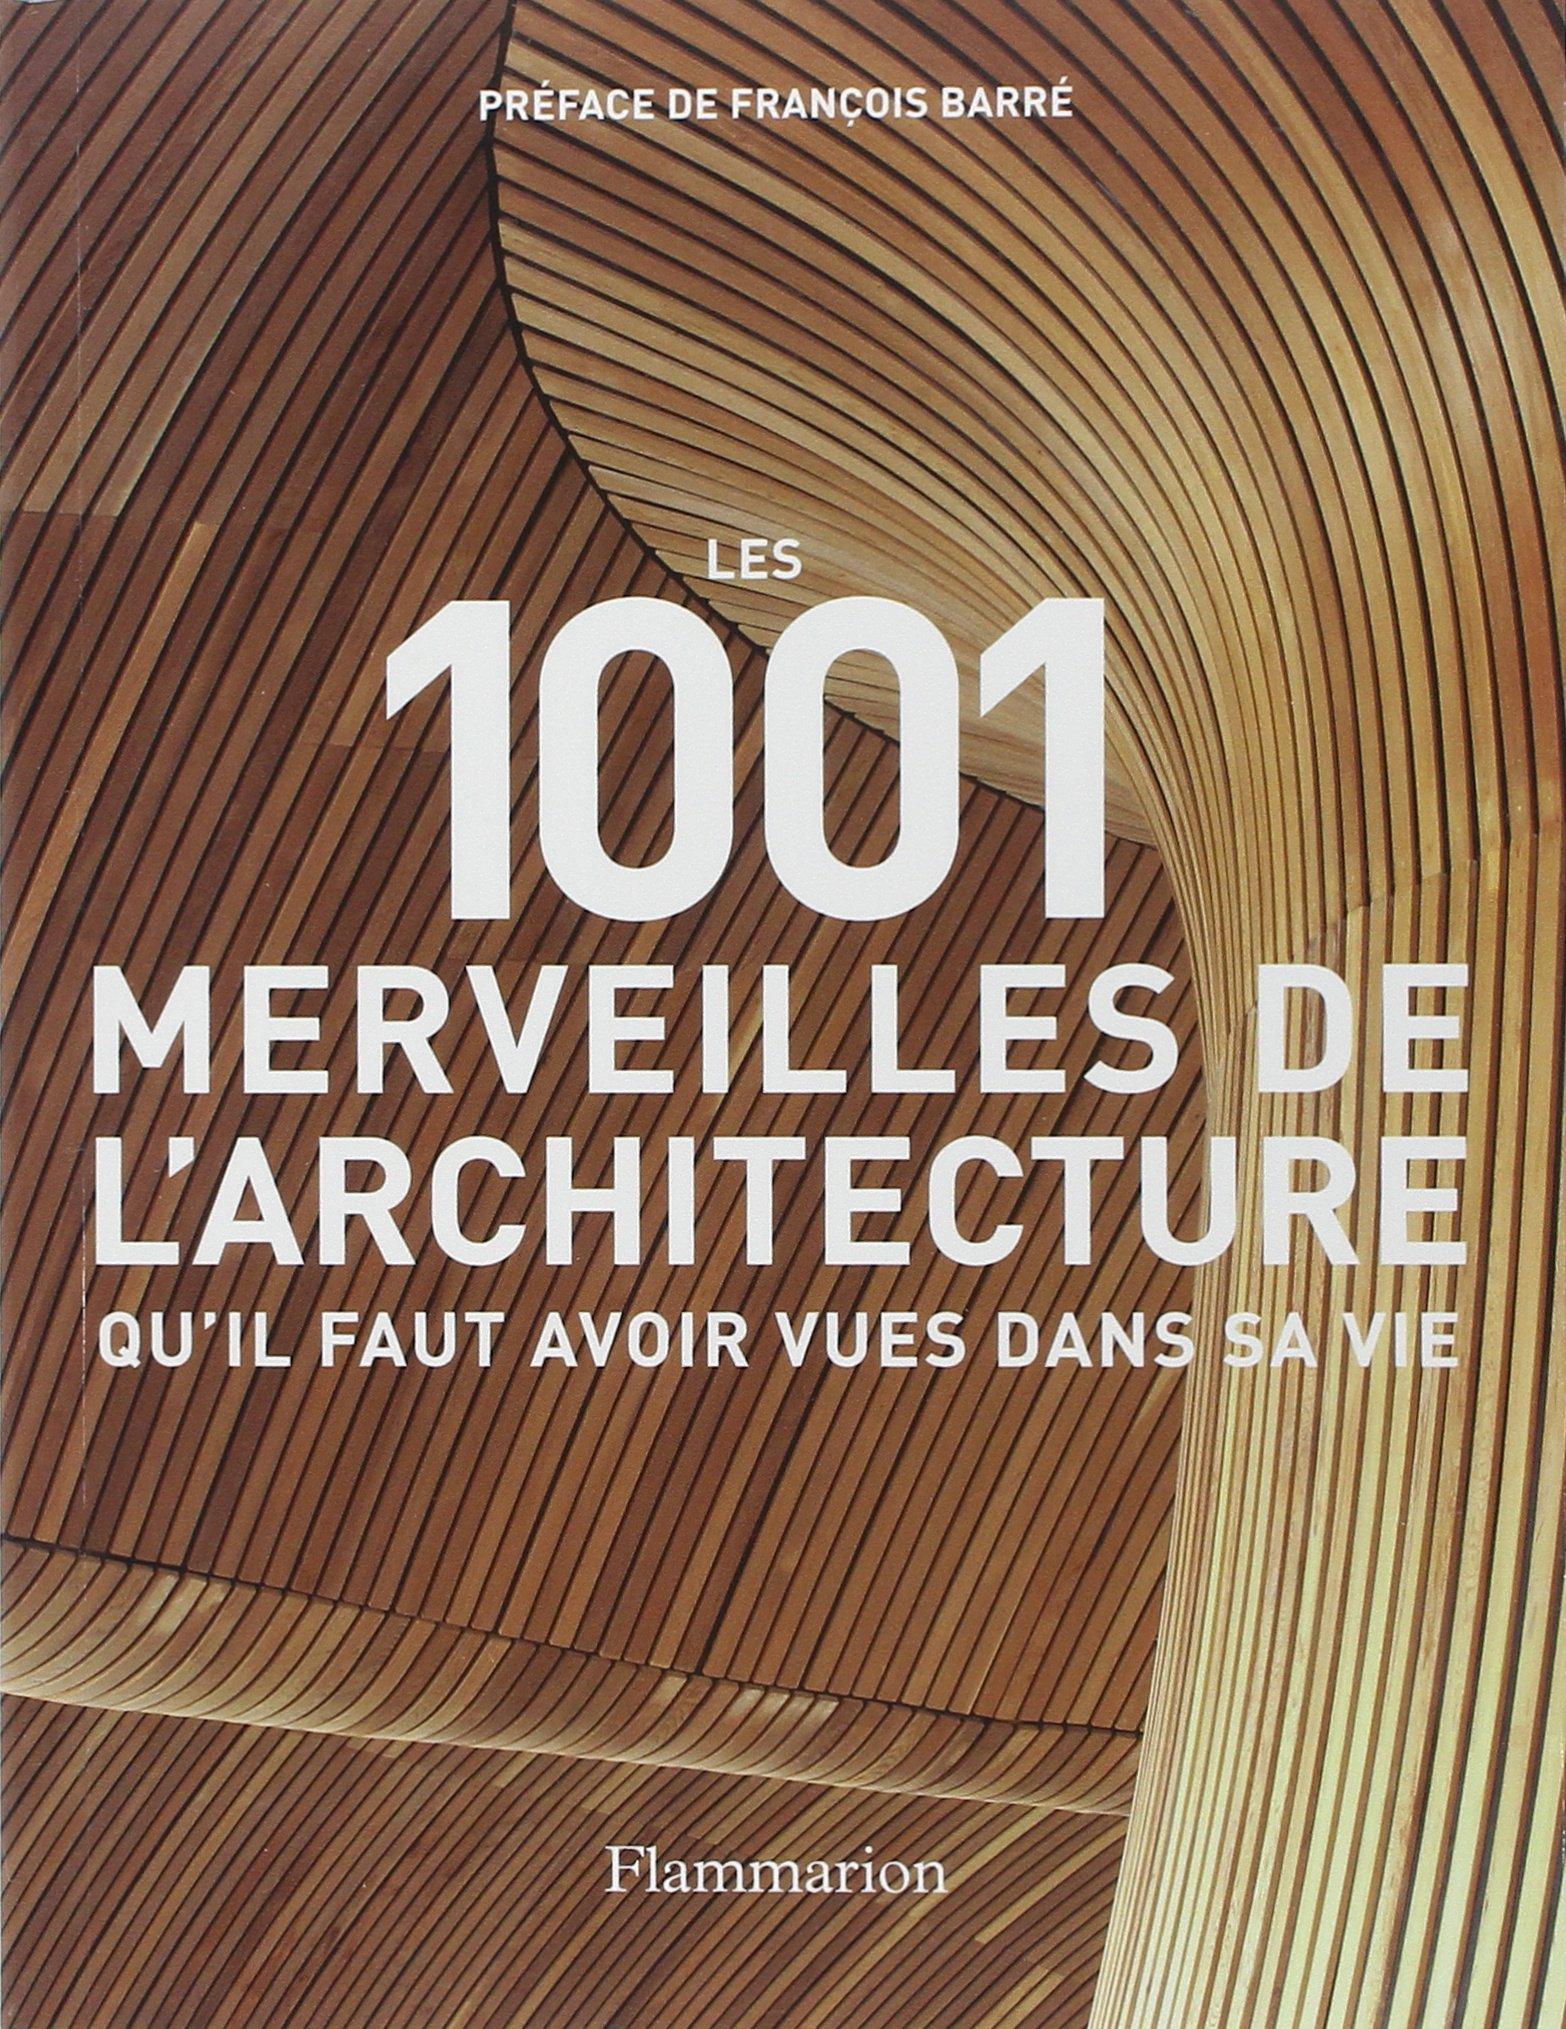 Les 1001 merveilles de l'architecture qu'il faut avoir vues dans sa vie Broché – 15 janvier 2014 Mark Irving François Barré Patricia Crossley-Lamin Flammarion